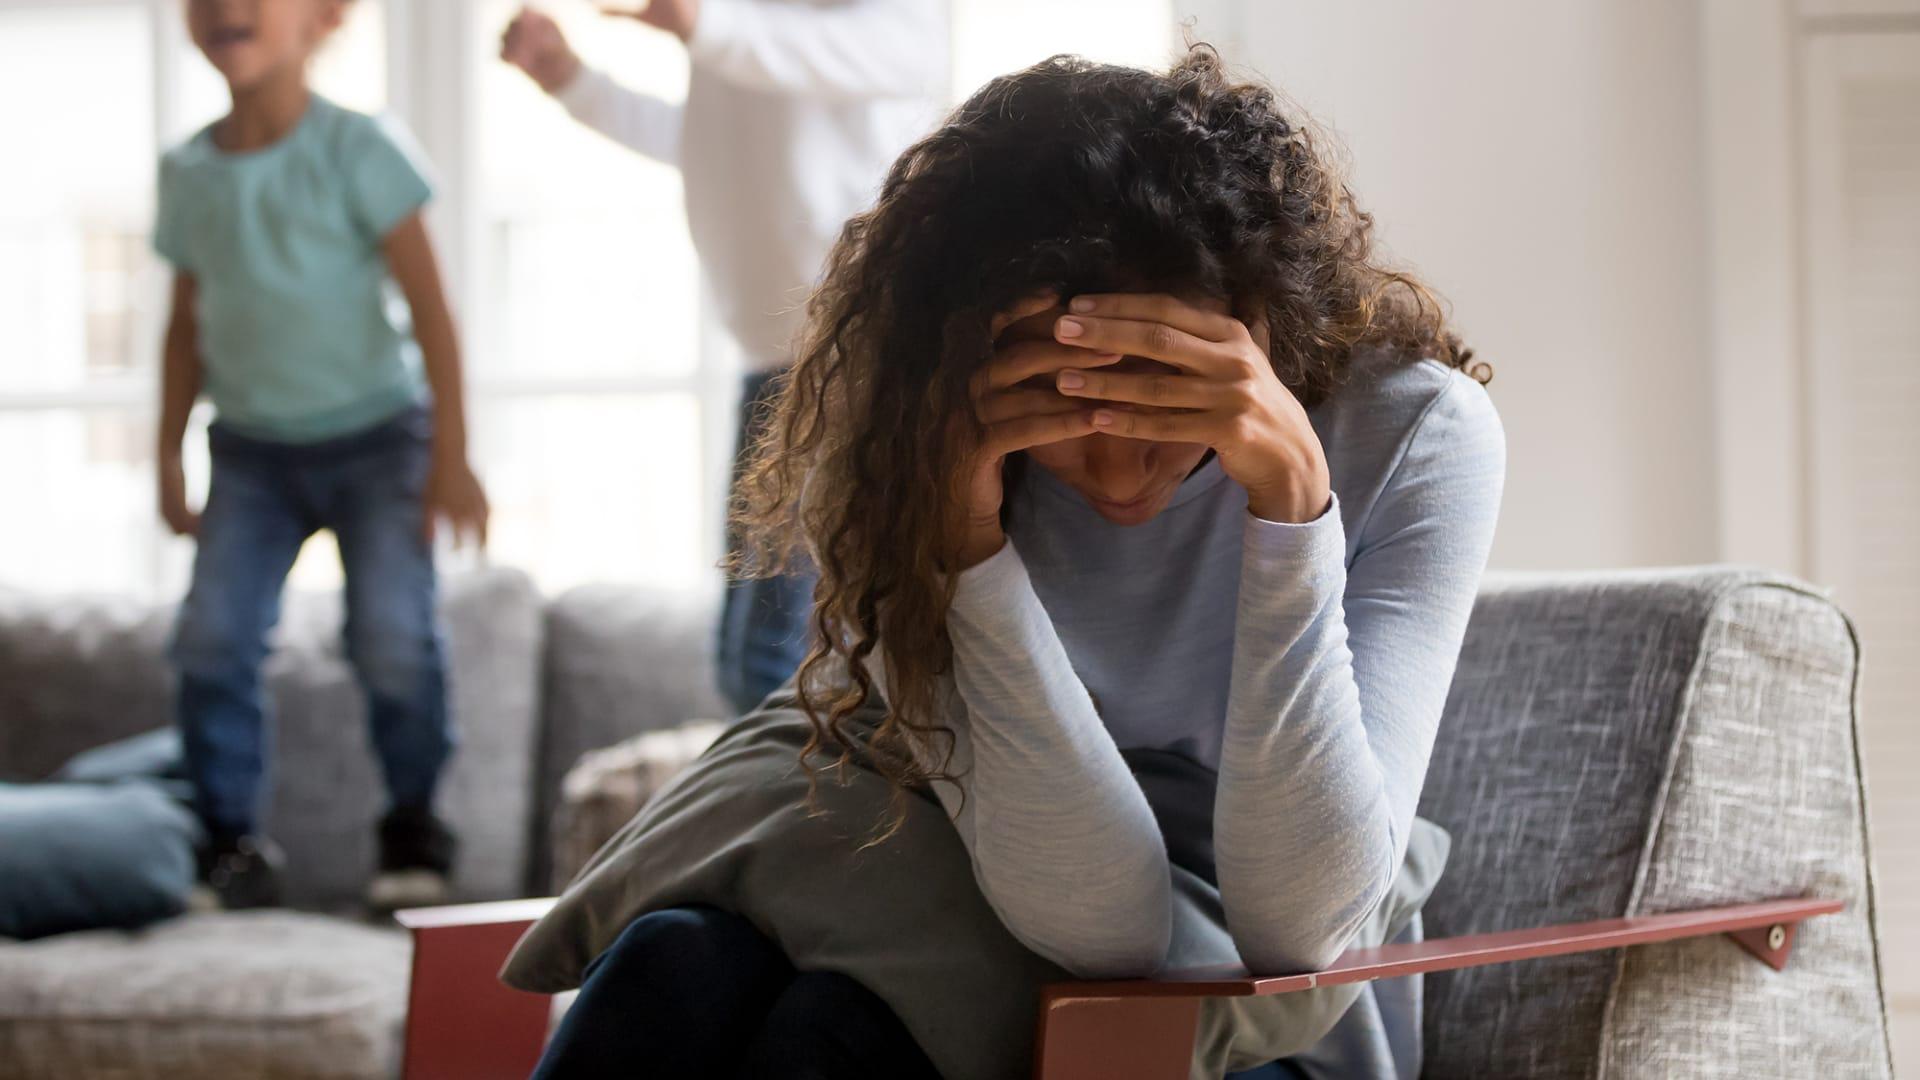 """ما هو """"التخدير النفسي"""".. وكيف يفسر رد فعل الناس تجاه جائحة فيروس كورونا؟"""